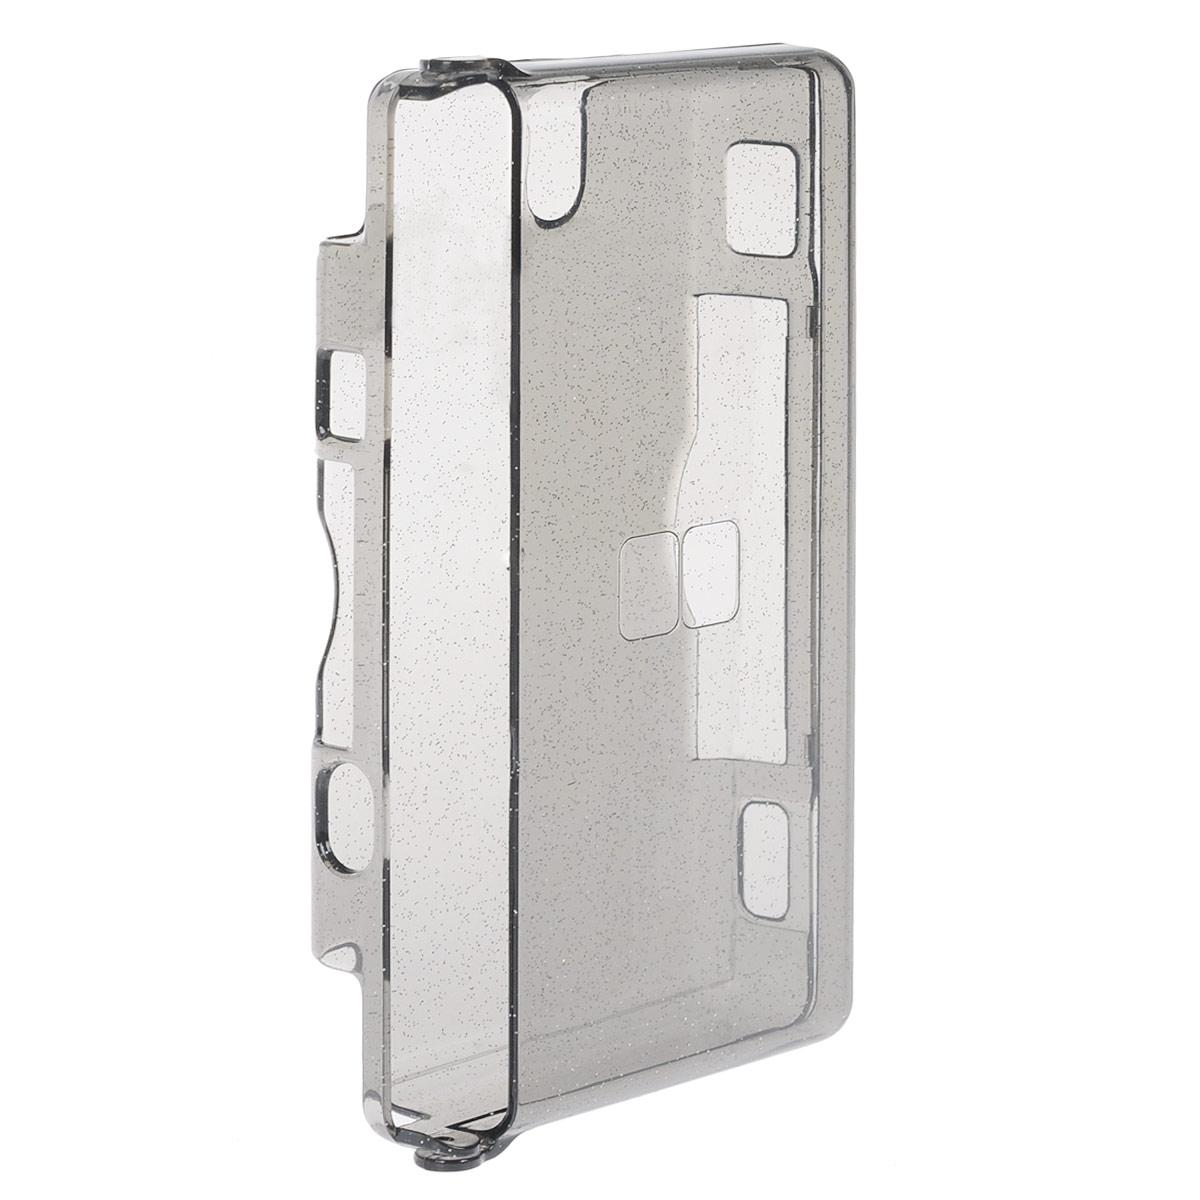 Набор аксессуаров Crystal Star 4 в 1 для Nintendo DS Lite (цвет: серый)BH-DSL09604Набор аксессуаров Crystal Star 4 в 1 для Nintendo DS Lite:Защитный пластиковый корпус:Выполнен из высококачественного поликарбонатного материала.Свободный доступ ко всем кнопкам управления. Пленки для большого и малого экранов:Выполнены из качественного материала из Японии.Защищают экраны вашей DS Lite. USB кабель:Обеспечивает удобную зарядку вашей приставки.